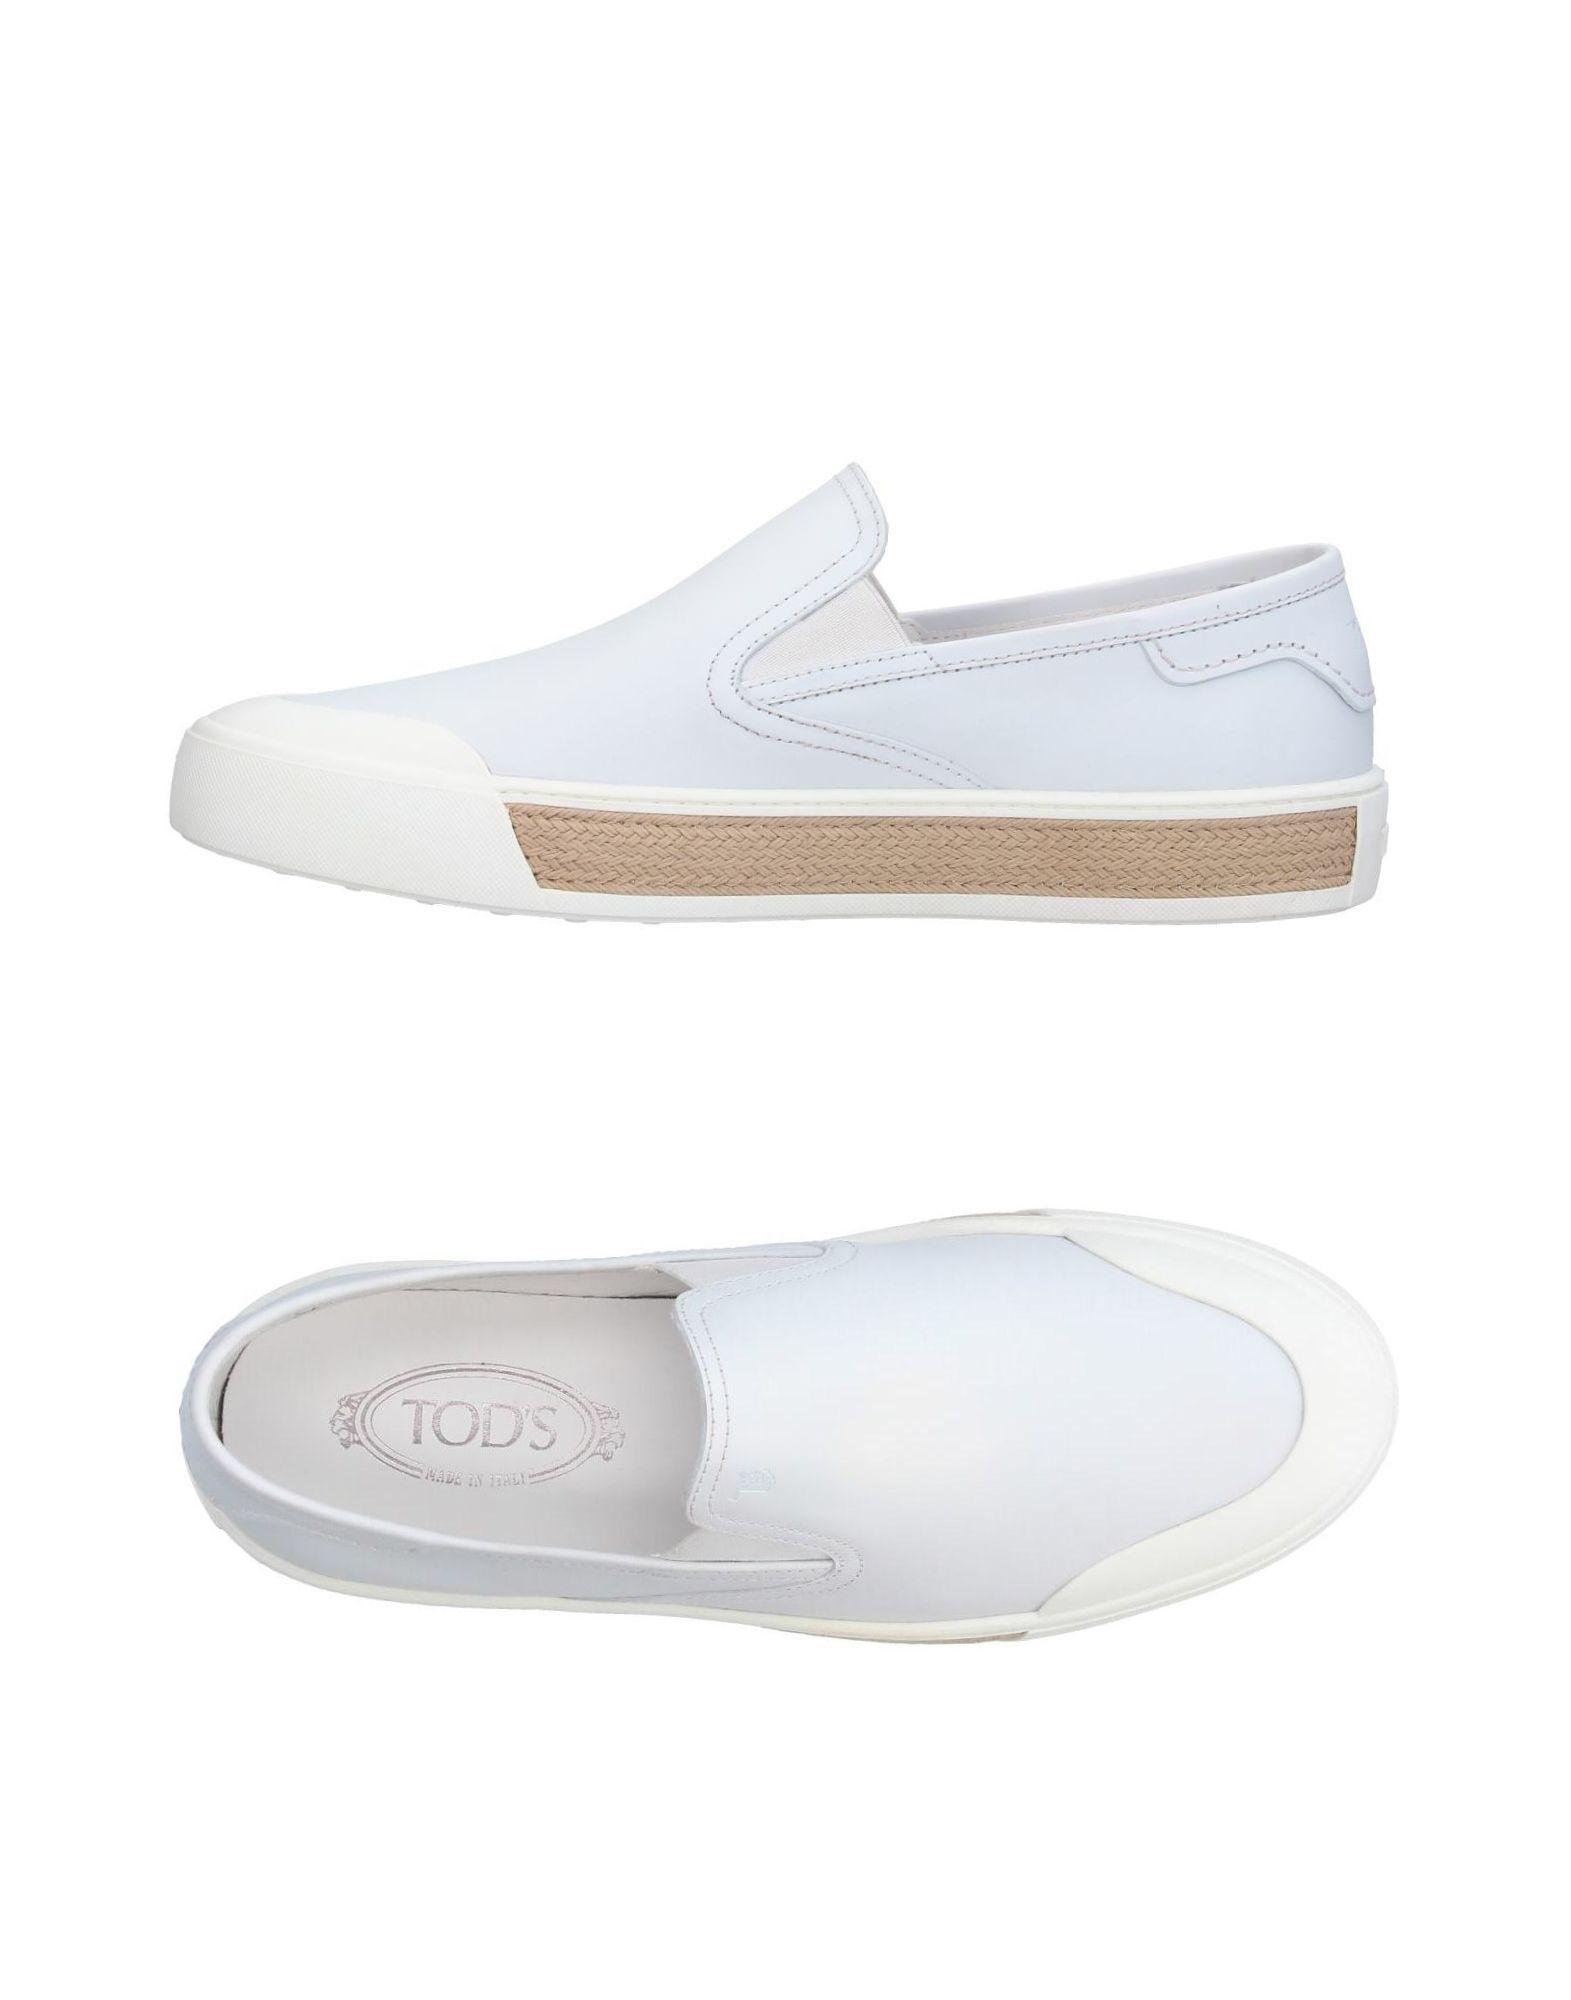 Tod's Sneakers Herren  11398392NL Gute Qualität beliebte Schuhe